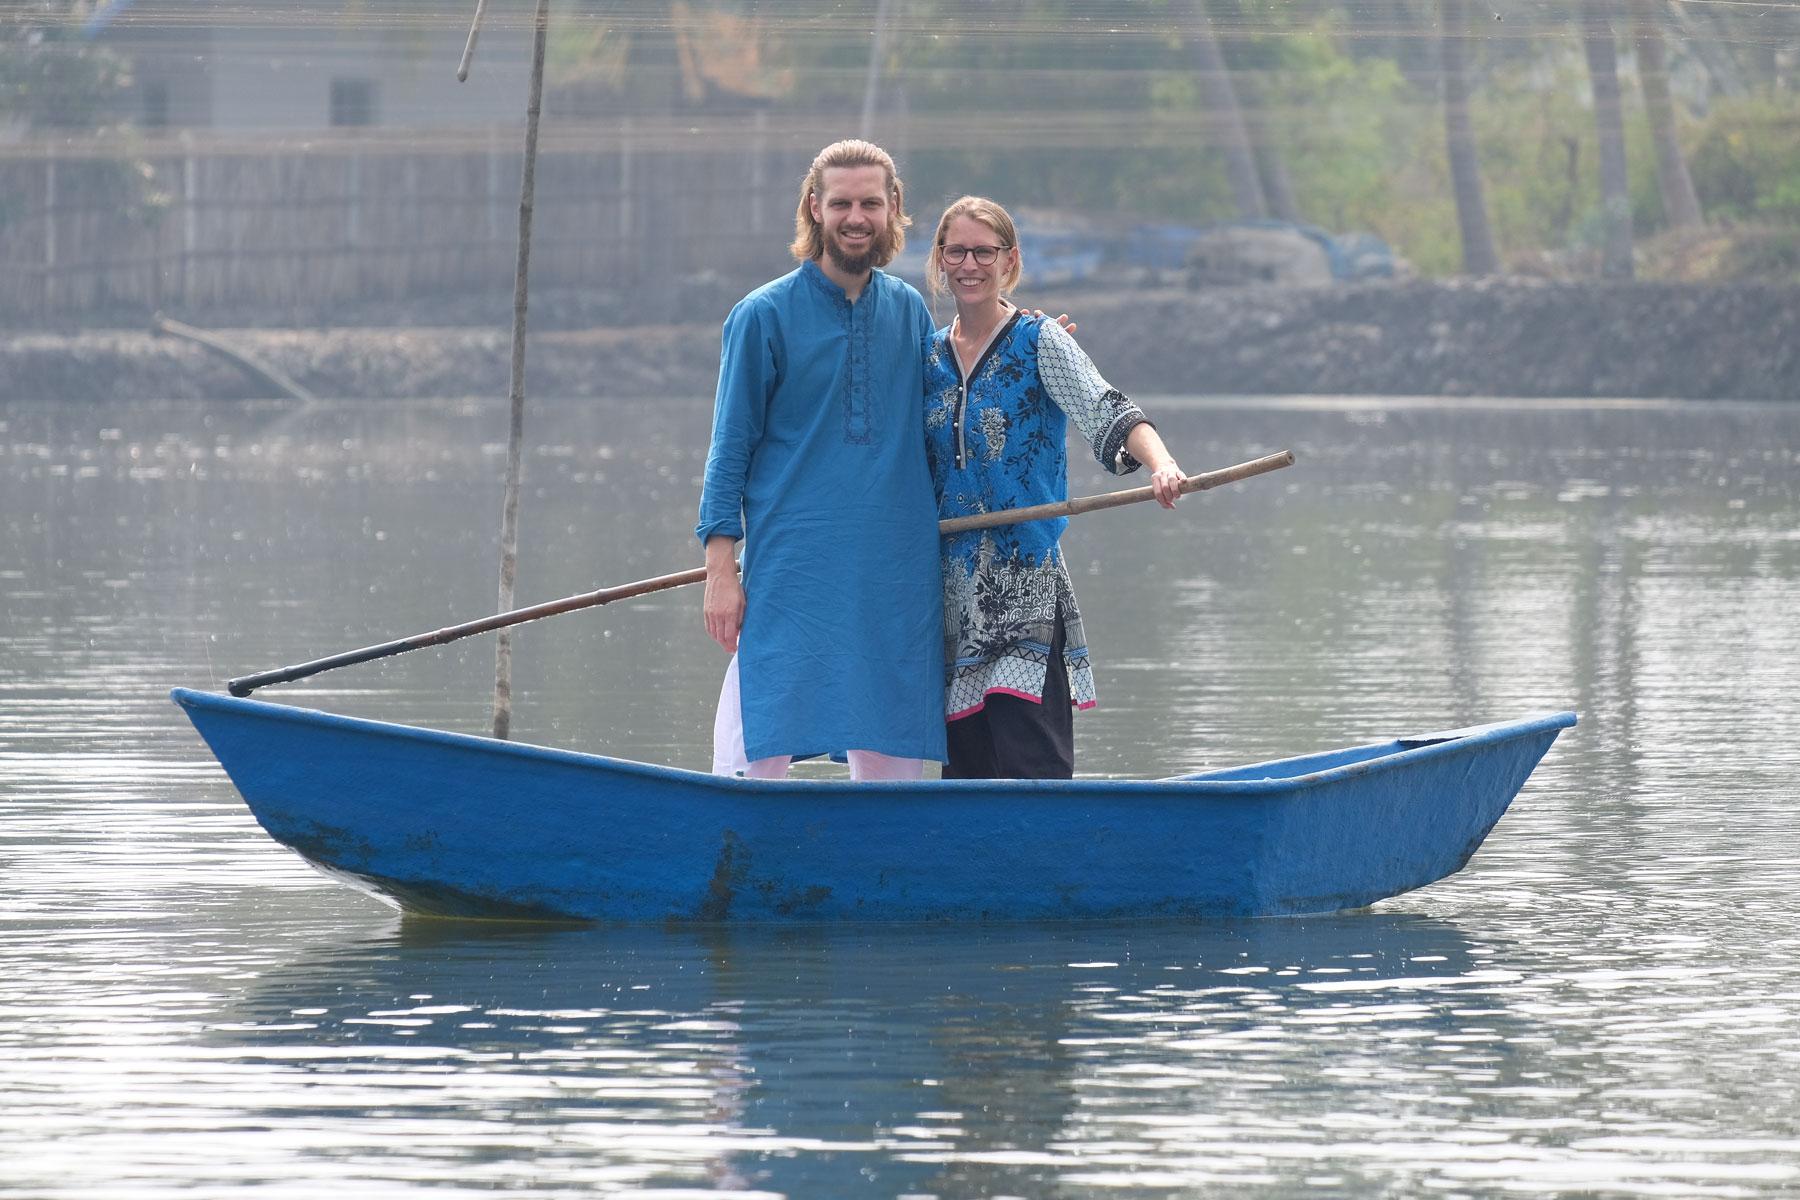 Sebastian und Leo stehen in einem kleinen Boot auf einem See und halten einen langen Stock in der Hand.